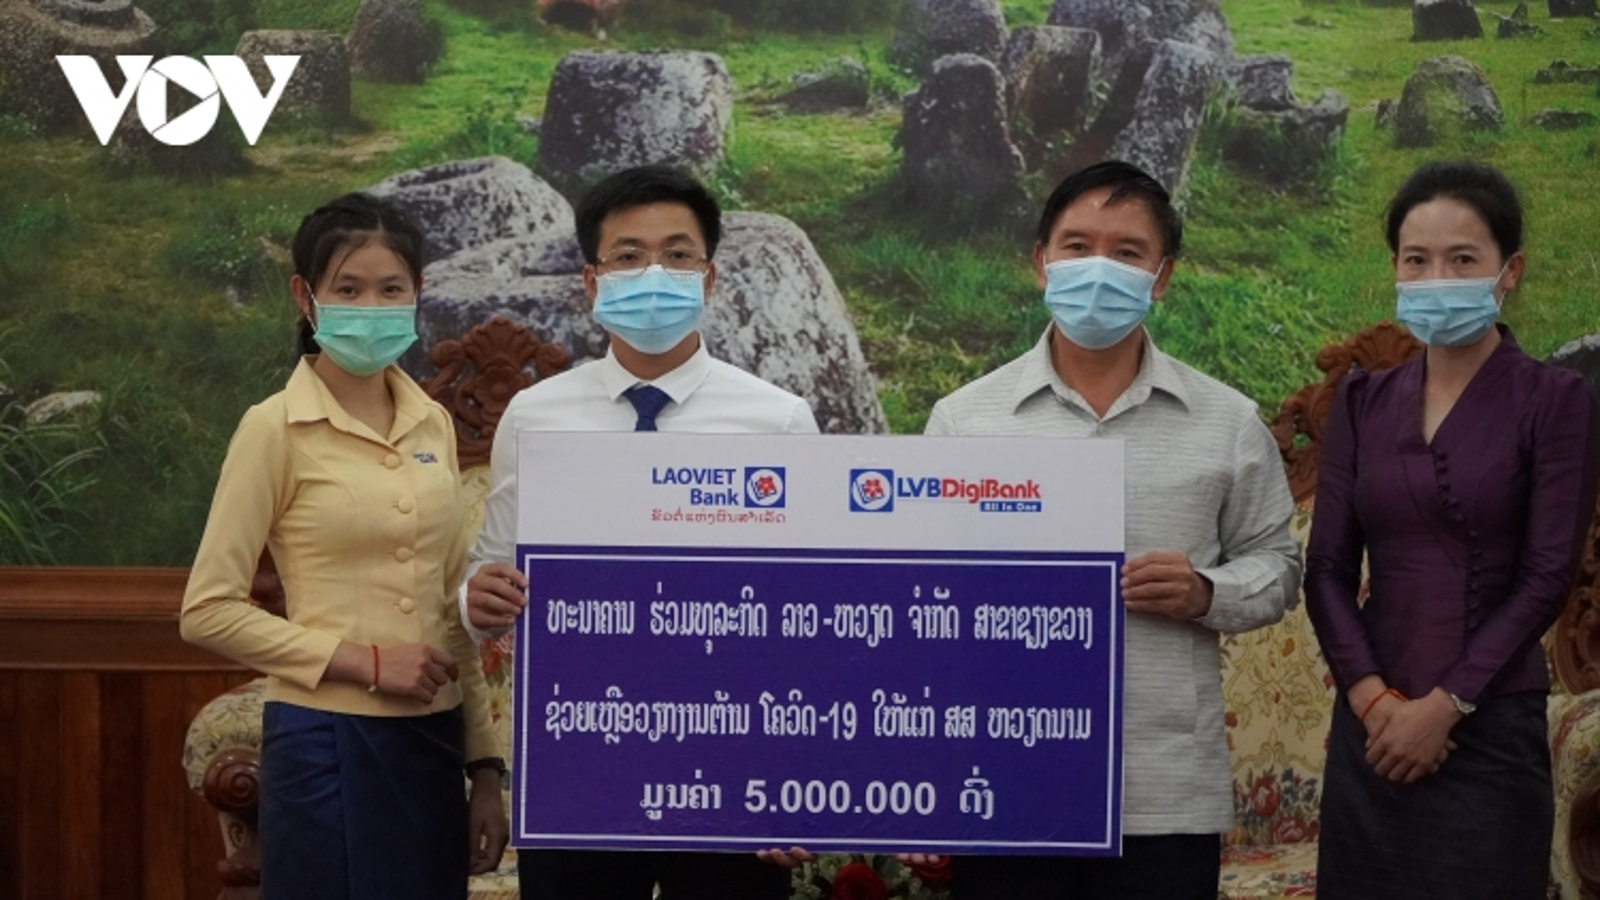 Tỉnh Xiengkhuang (Lào) chung tay hỗ trợ TP.HCM phòng chống Covid-19